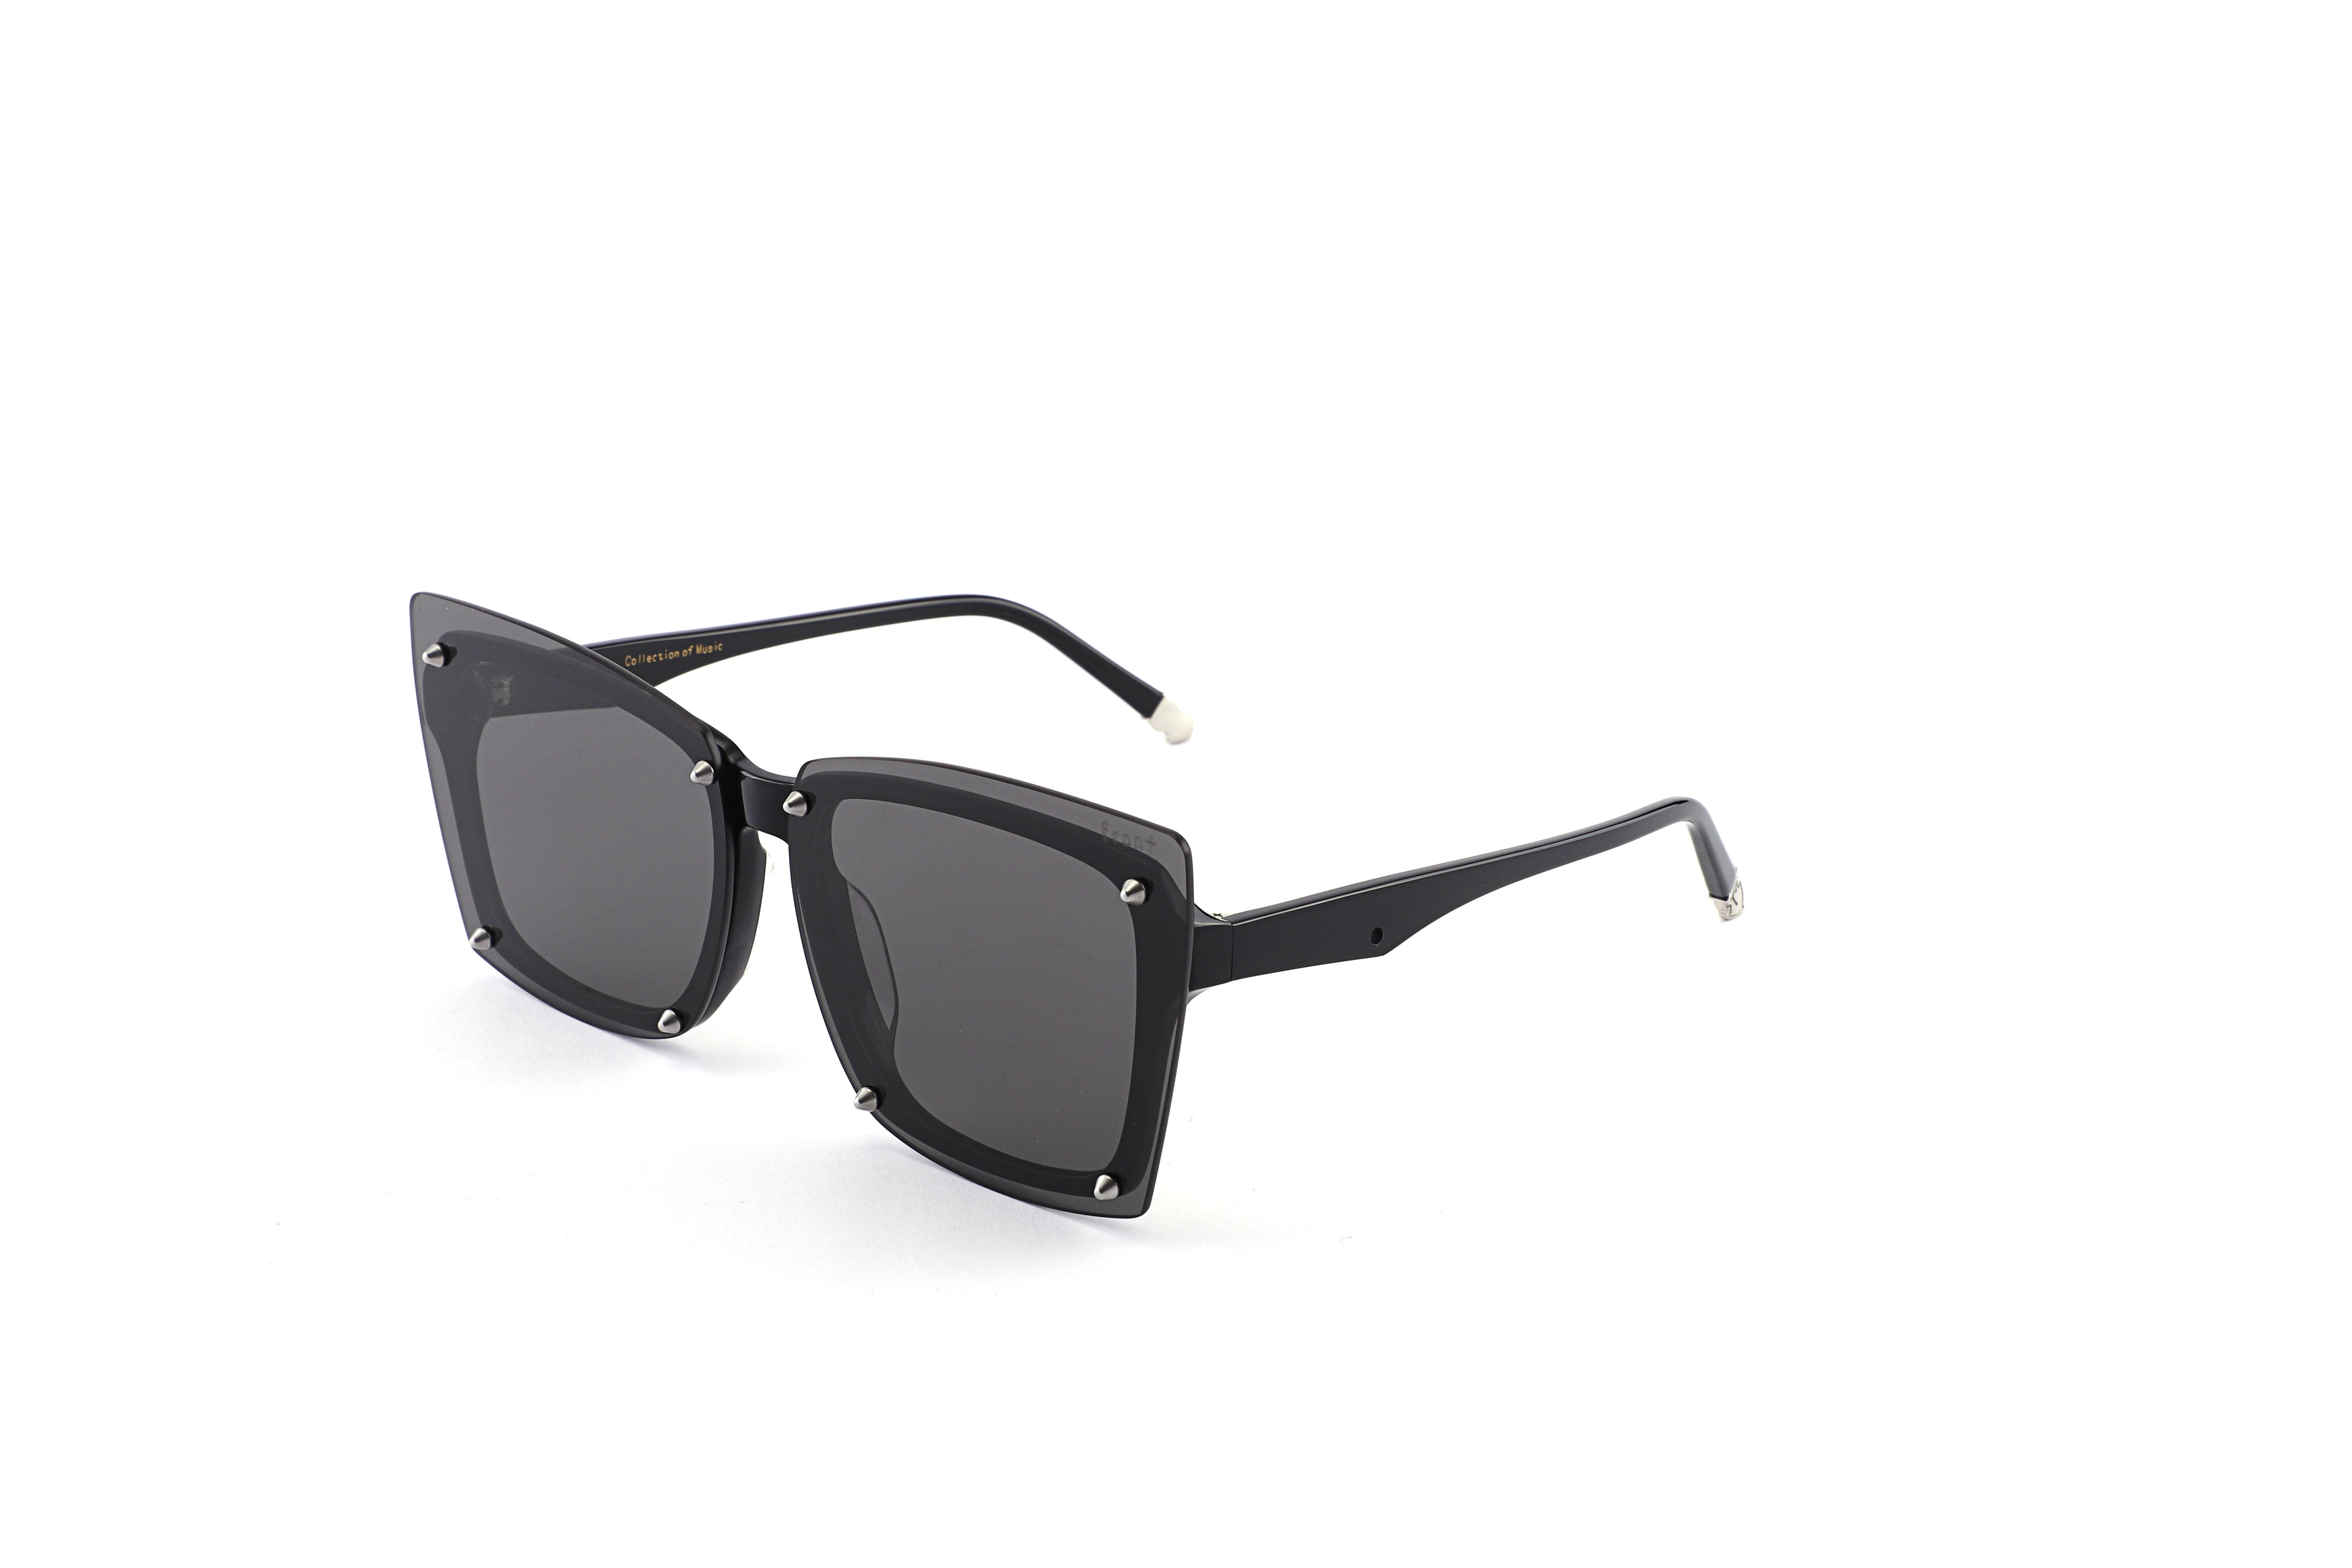 GM总撞款?帮你推荐一个超酷的眼镜潮牌